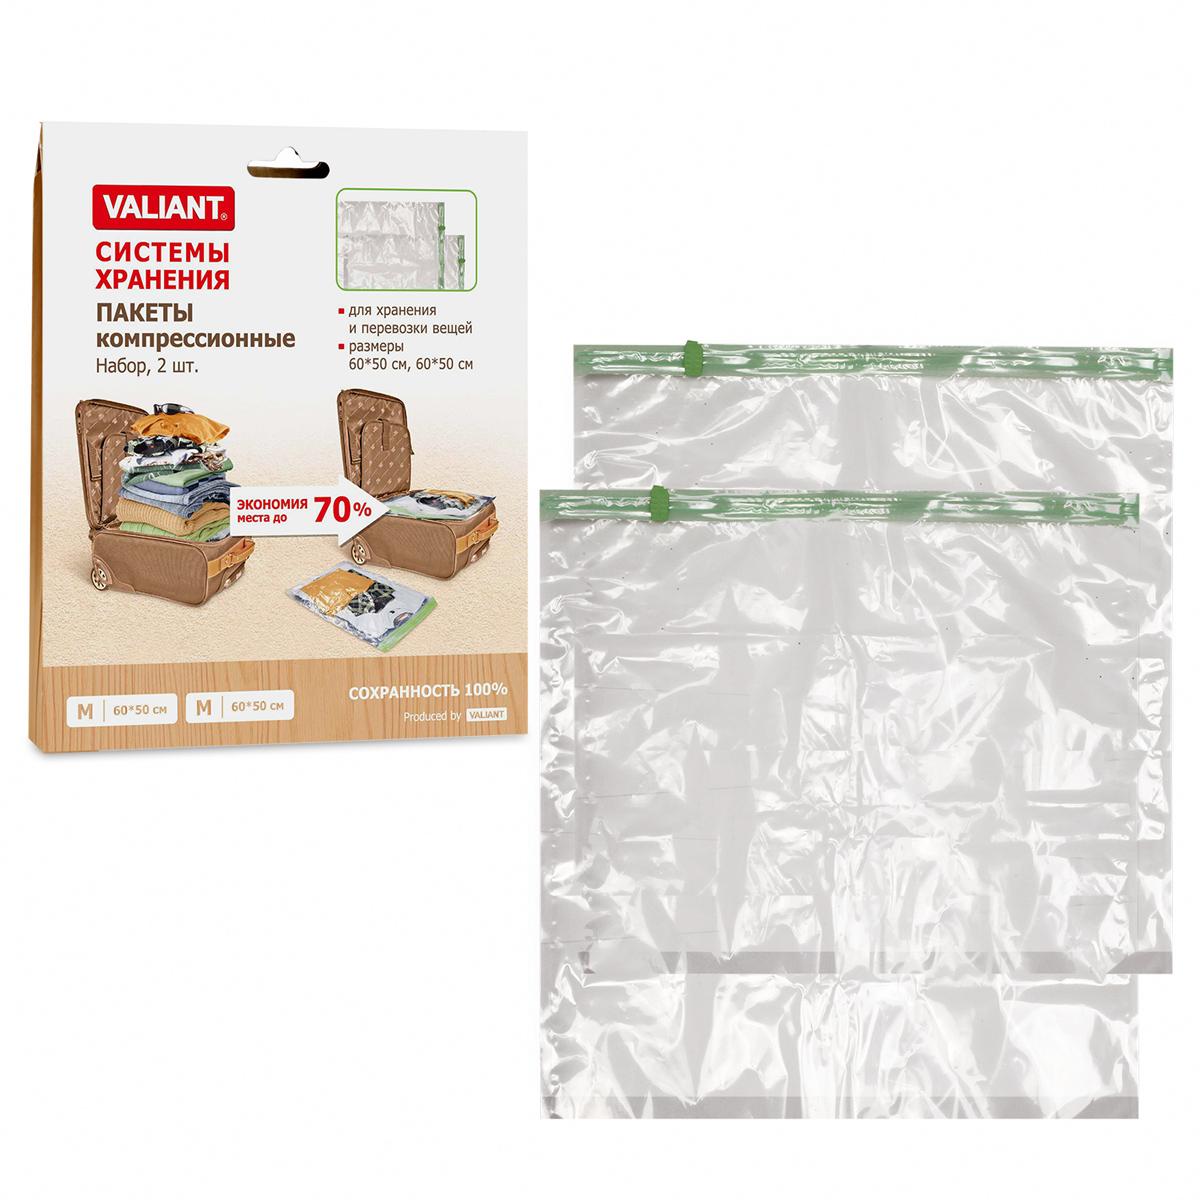 Пакеты компрессионные Valiant, 60 х 50 см, 2 штMS65Компрессионные пакеты Valiant - рациональный подход к компактному хранению и перевозке вещей. Вы существенно сэкономите место на полке в шкафу или в чемодане. Вещи сжимаются в объеме на 70%, полностью сохраняя свое качество. Благодаря этому вы сможете сложить в чемодан или сумку больше вещей и перевезти их аккуратно и надежно. Пакет также защищает вещи от любых повреждений - влаги, пыли, пятен, плесени, моли и других насекомых, а также от обесцвечивания, запахов и бактерий. Пакет универсальный, для его использования не нужен пылесос. Чтобы выпустить воздух из пакета, достаточно просто его скатать. Пакет закрывается на замок zip-lock. Не подходит для изделий из меха и кожи.Комплектация: 2 шт.Размер пакета: 60 см х 50 см.